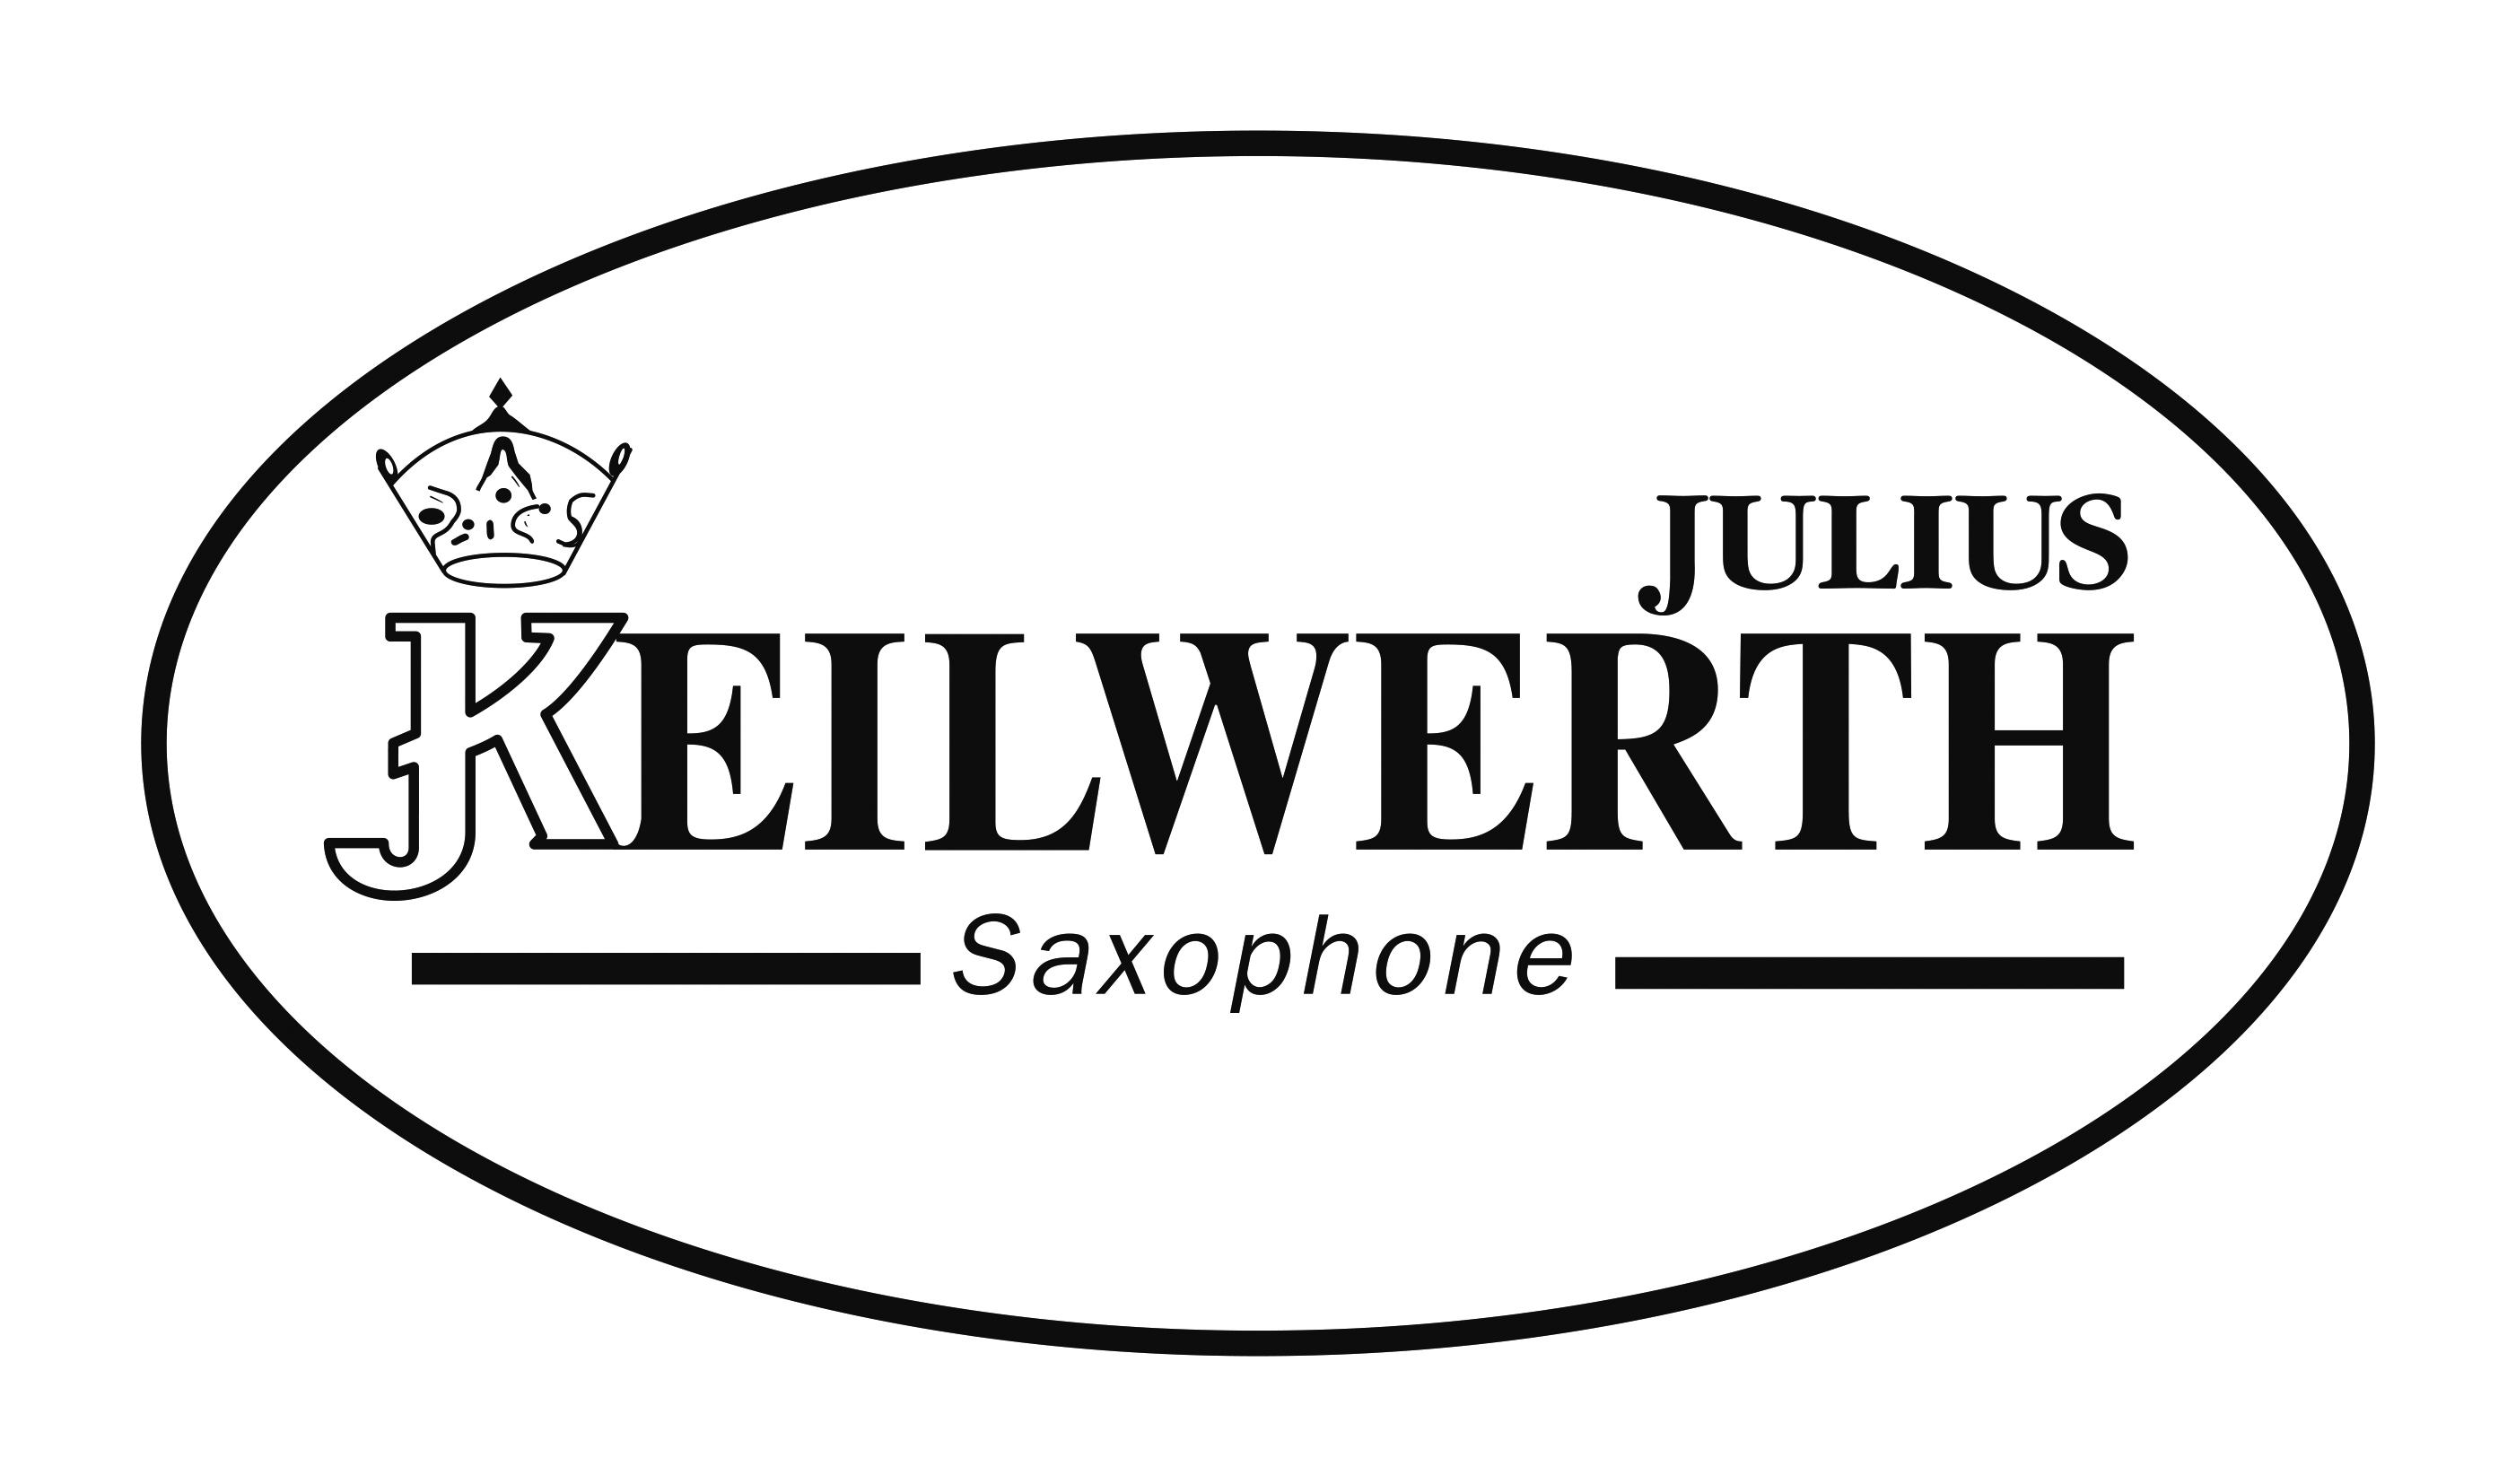 〈ユリウス・カイルヴェルト〉ロゴ